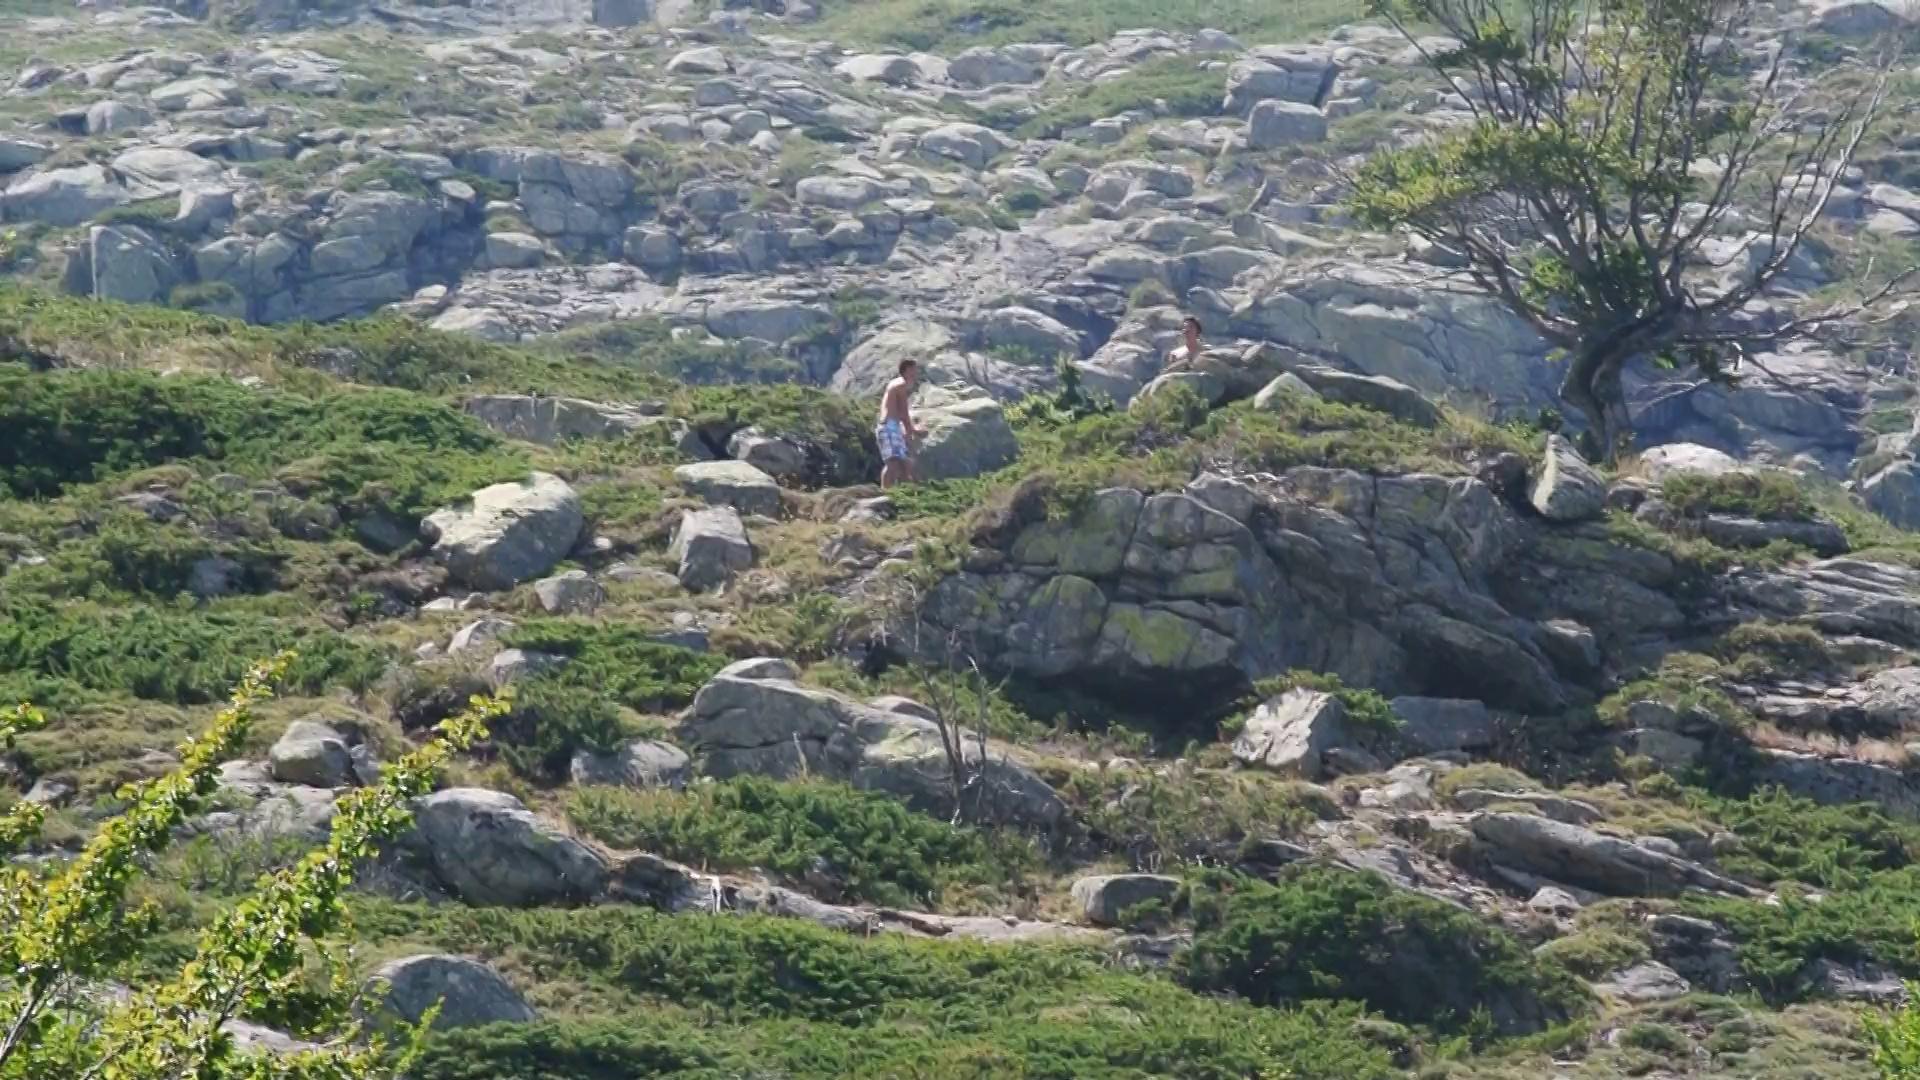 Corse 2013- mais c'est tout près? ou c'est loin?